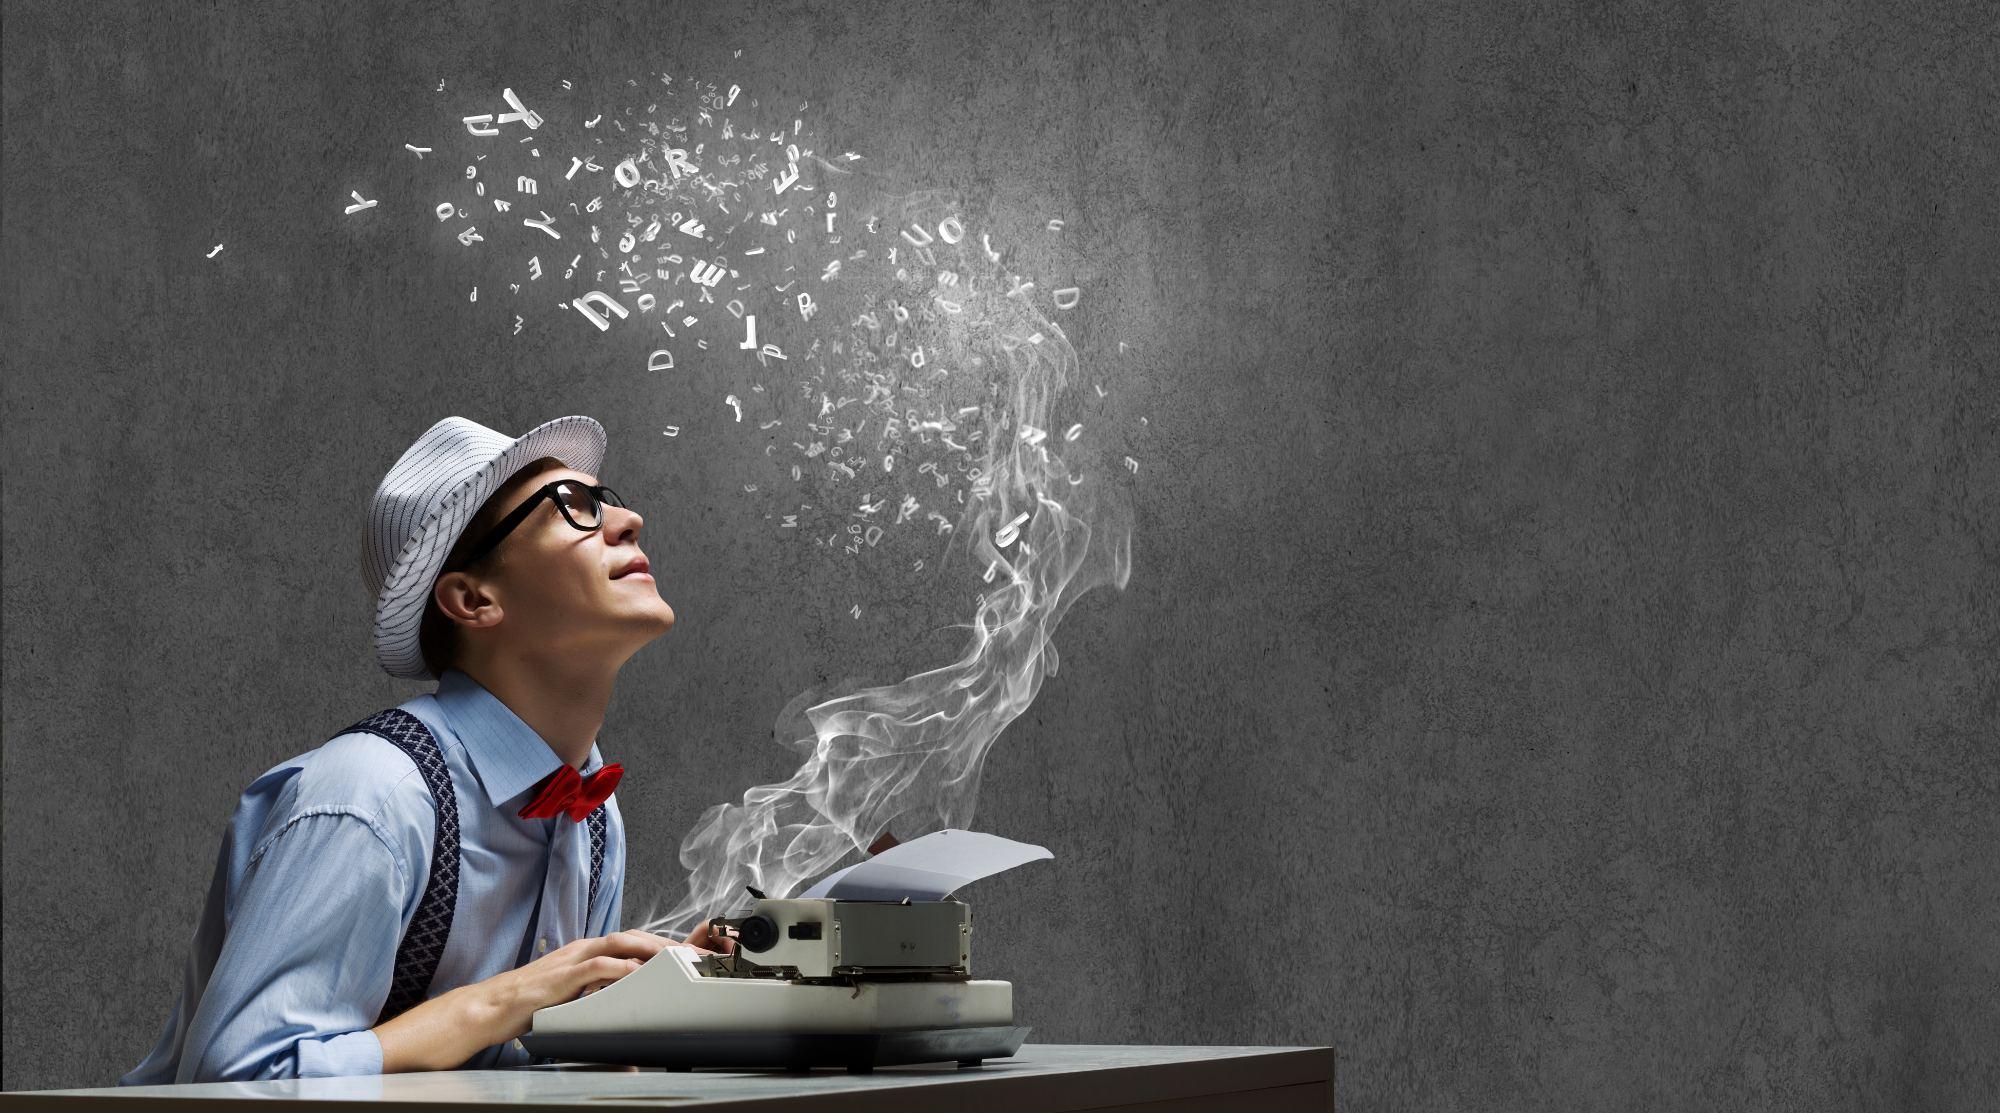 Artikelen herschrijven: recycle je blog!